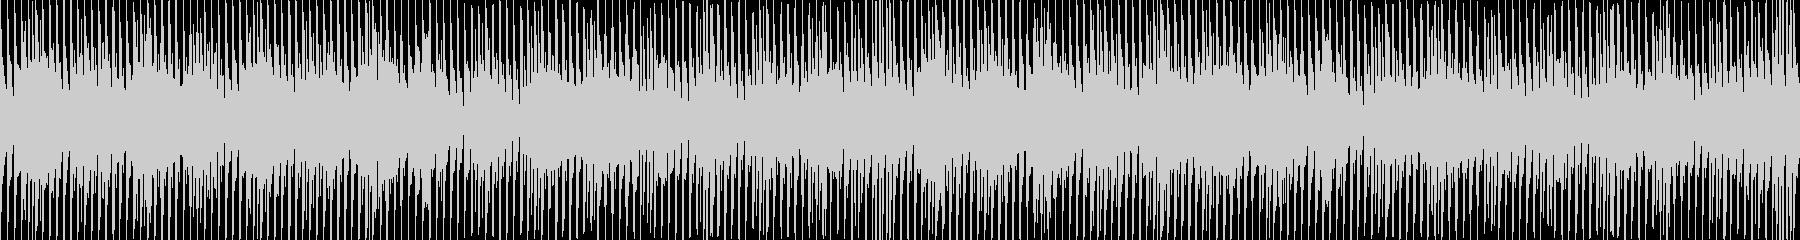 【クリスマス】ラミーなアイコ ループ仕様の未再生の波形